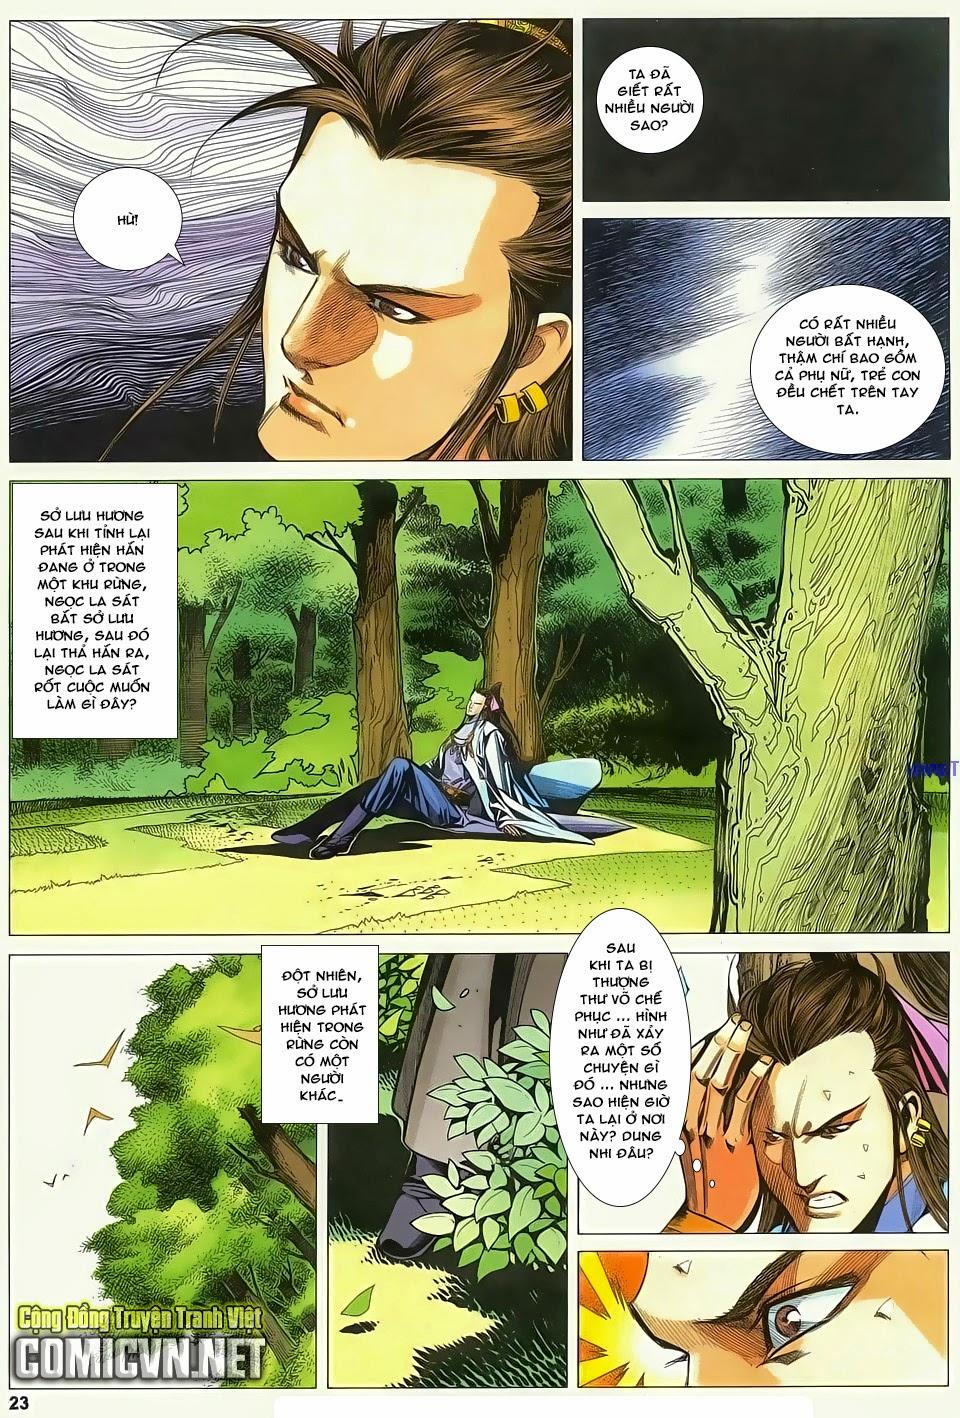 Cổ Long Quần Hiệp Truyện chap 83 - Trang 23